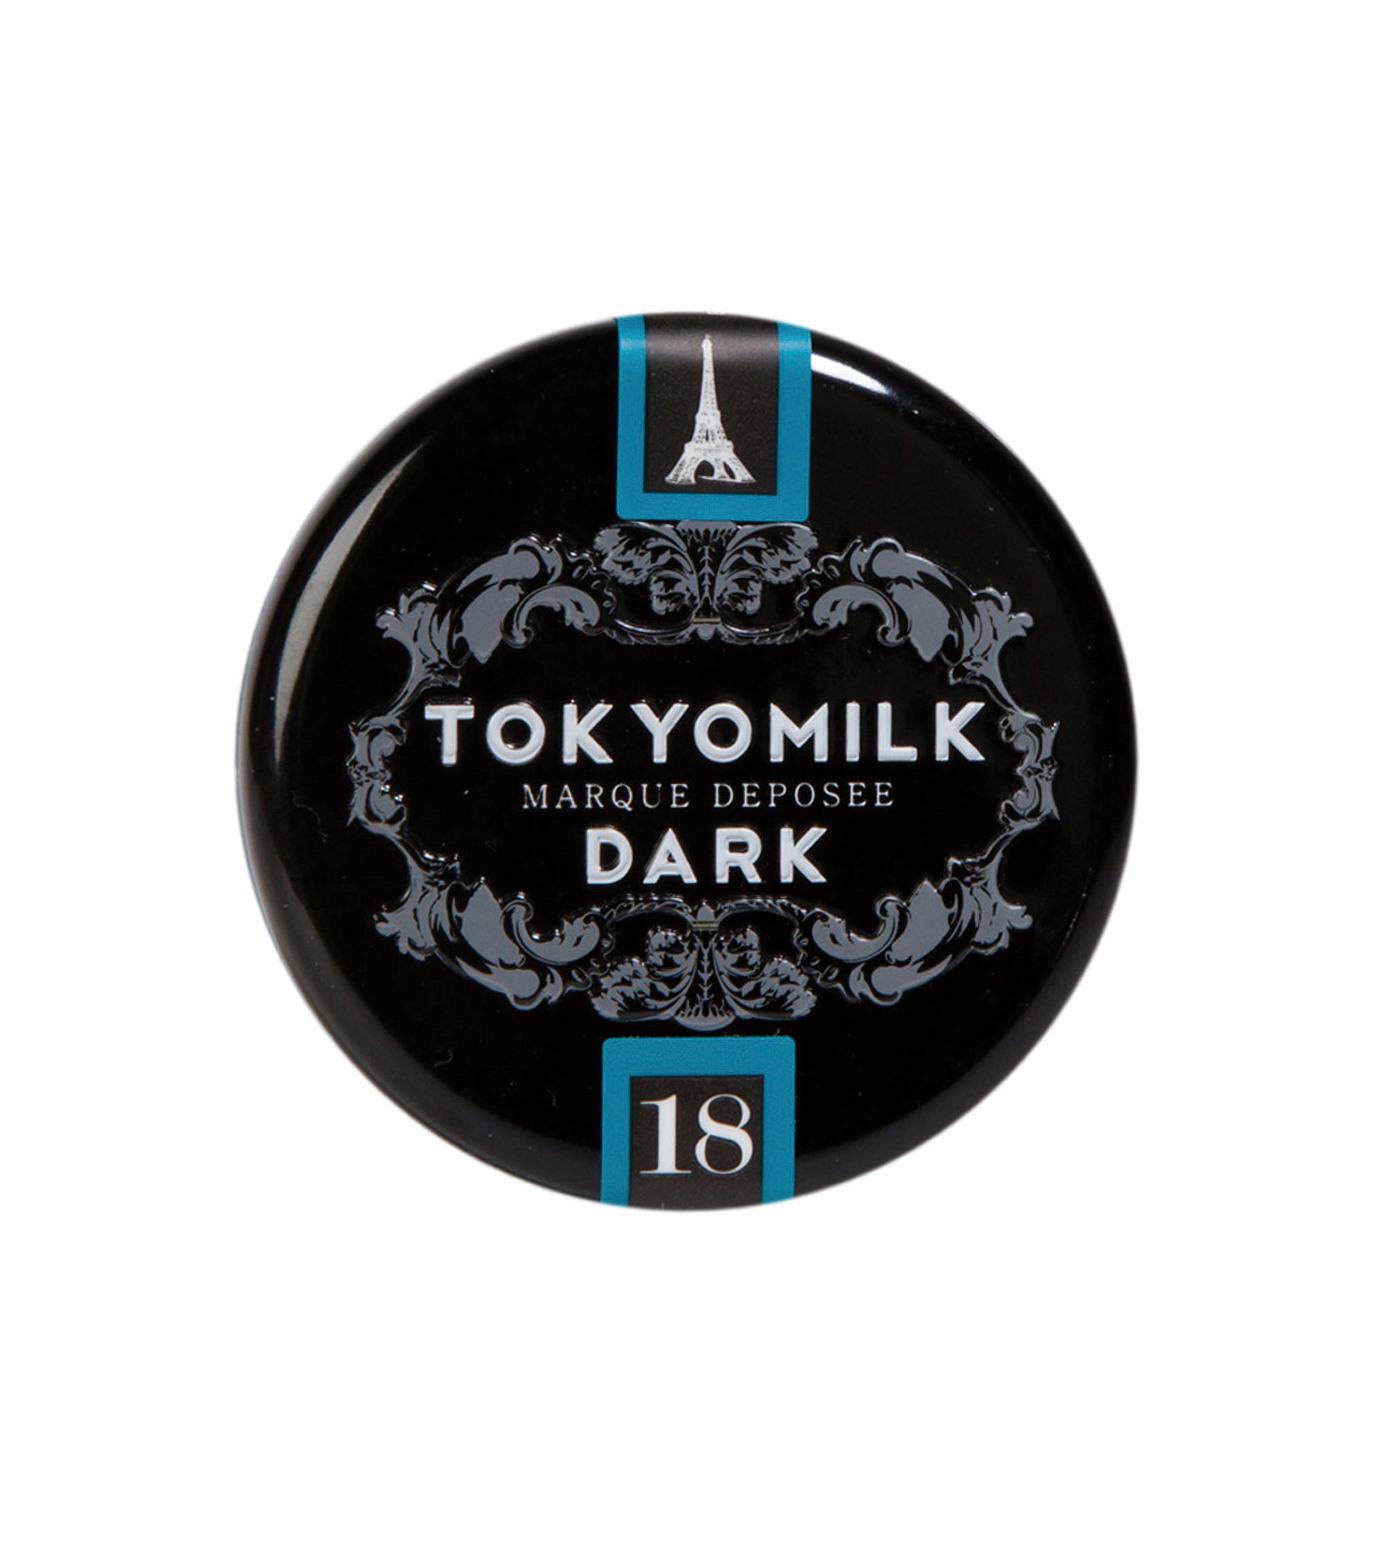 TOKYO MILK DARK(トーキョー ミルク ダーク)のLipbalm -Clove Cigarettes--BLACK(BATH-BODY/BATH / BODY)-6715017-13 拡大詳細画像1